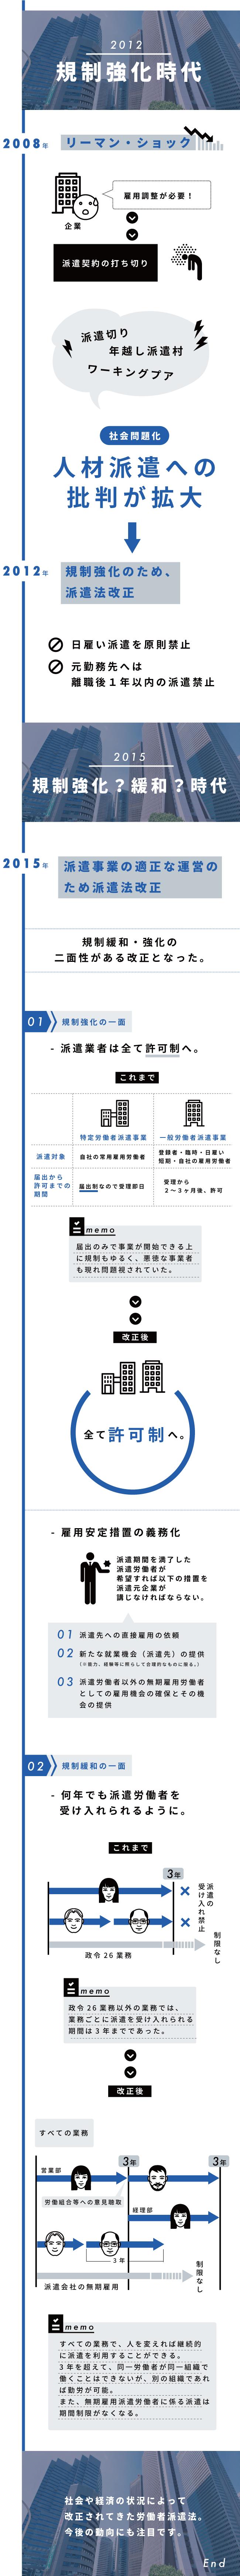 インフォグラフィック:派遣労働法改正の歴史が一目でわかる!派遣は使い捨て2